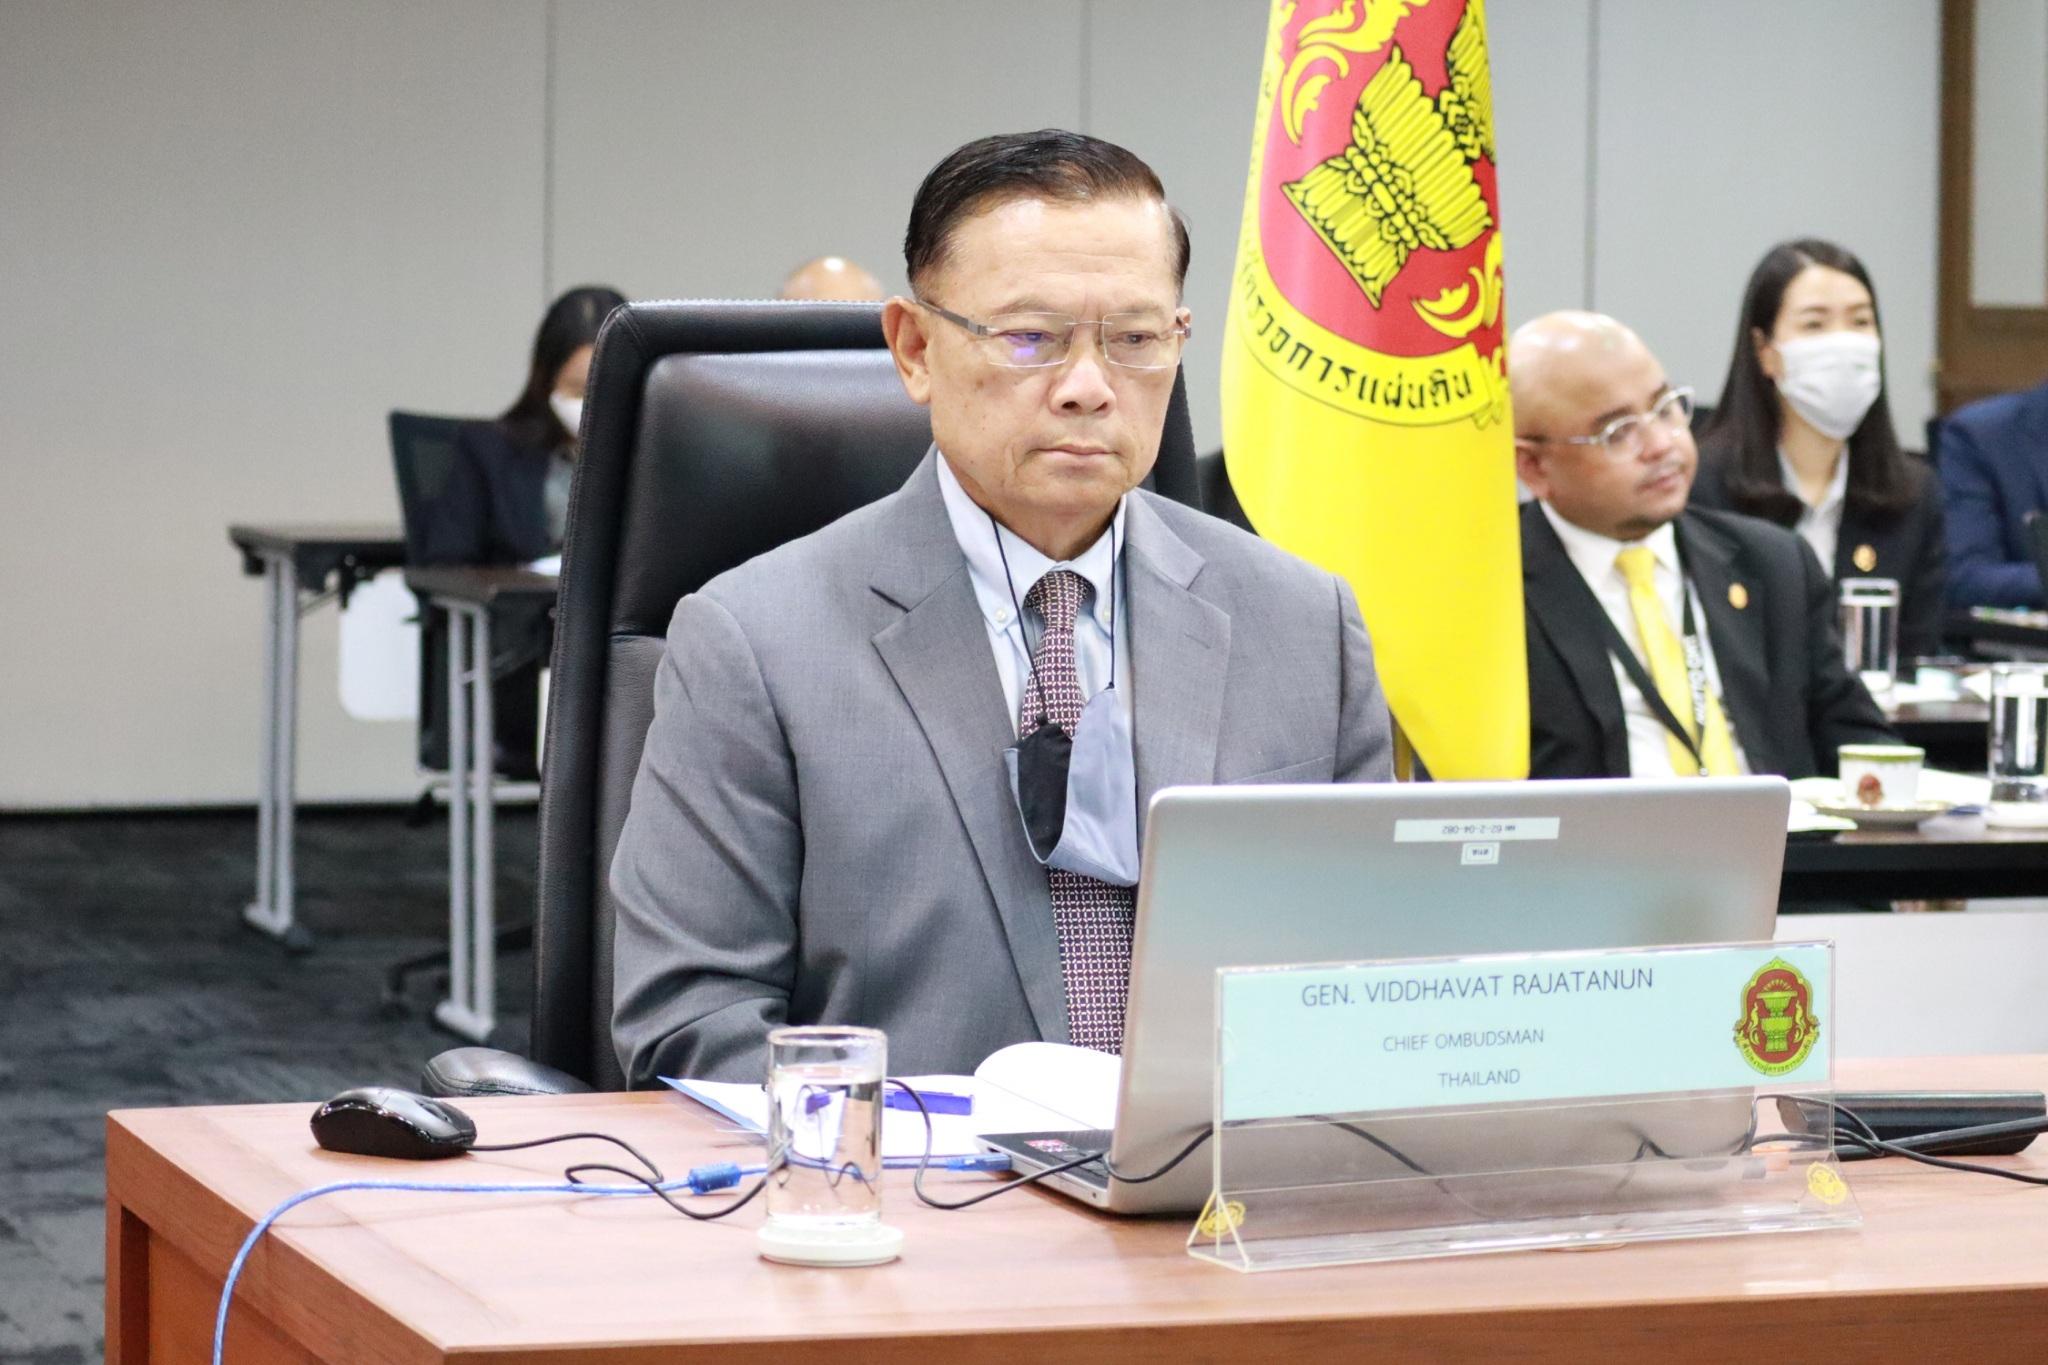 Gen Viddhavat Rajatanun, Chief Ombudsman Thailand